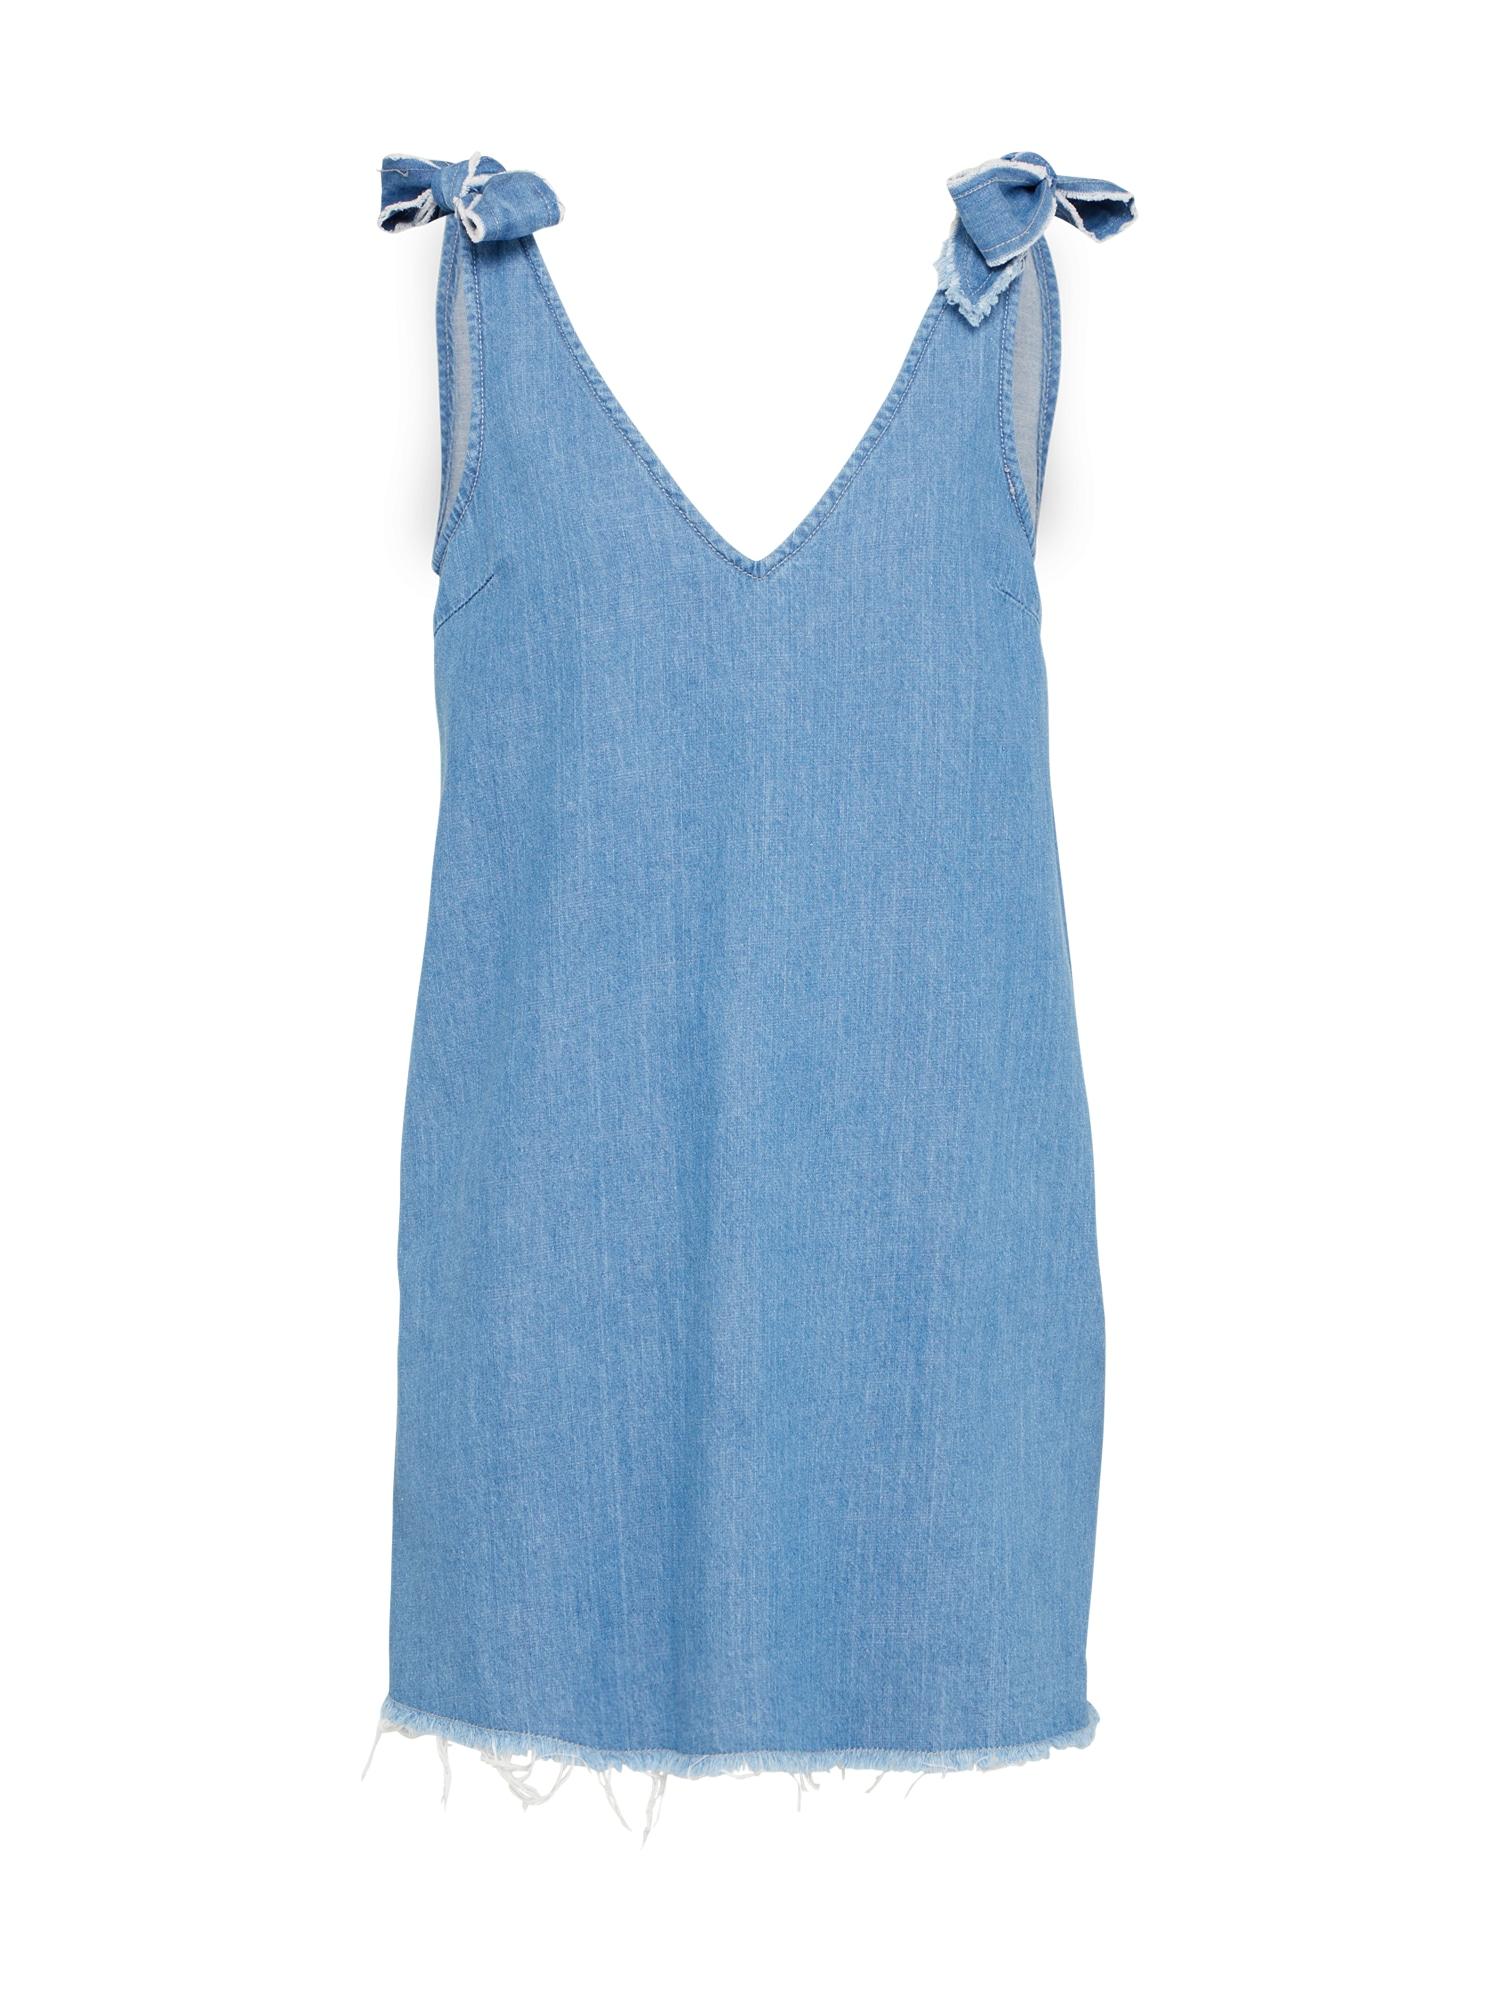 Letní šaty LEXI modrá džínovina MINKPINK